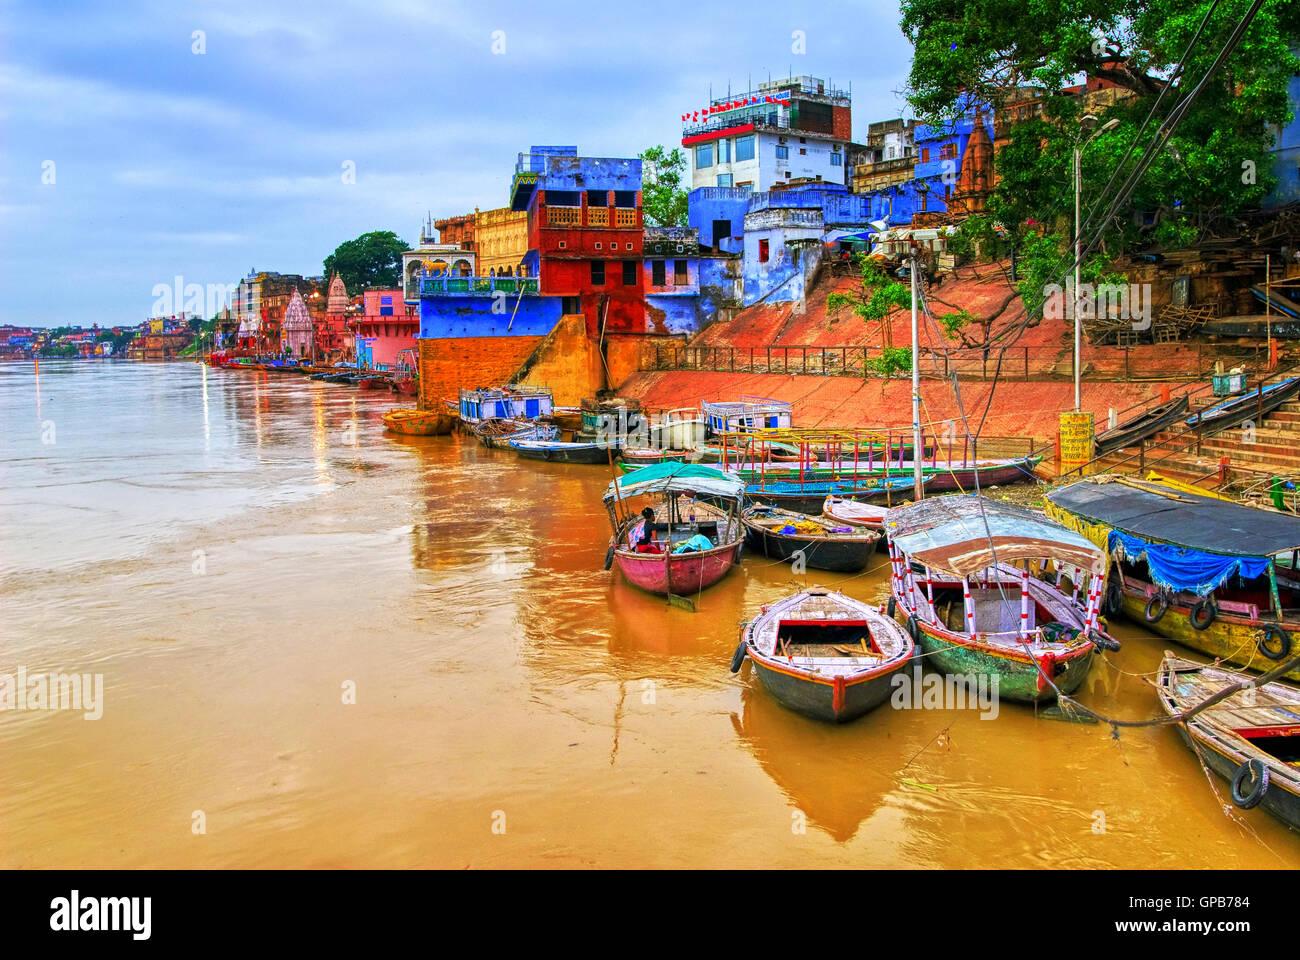 Coloridas casas y barcos en el río Ganges en Varanasi, India Imagen De Stock